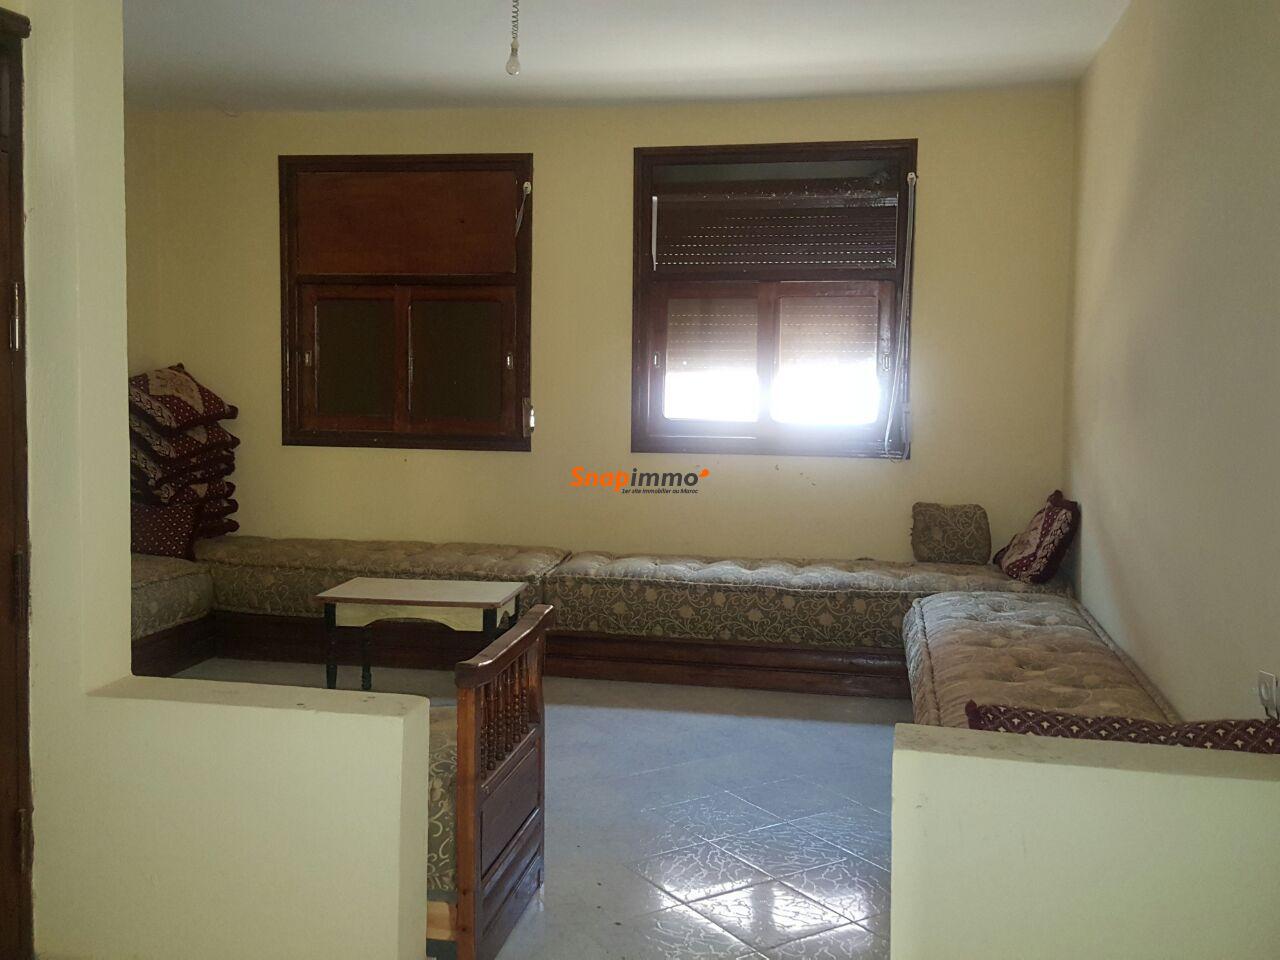 maison à vendre 100 m² à ouazzane - 3/6